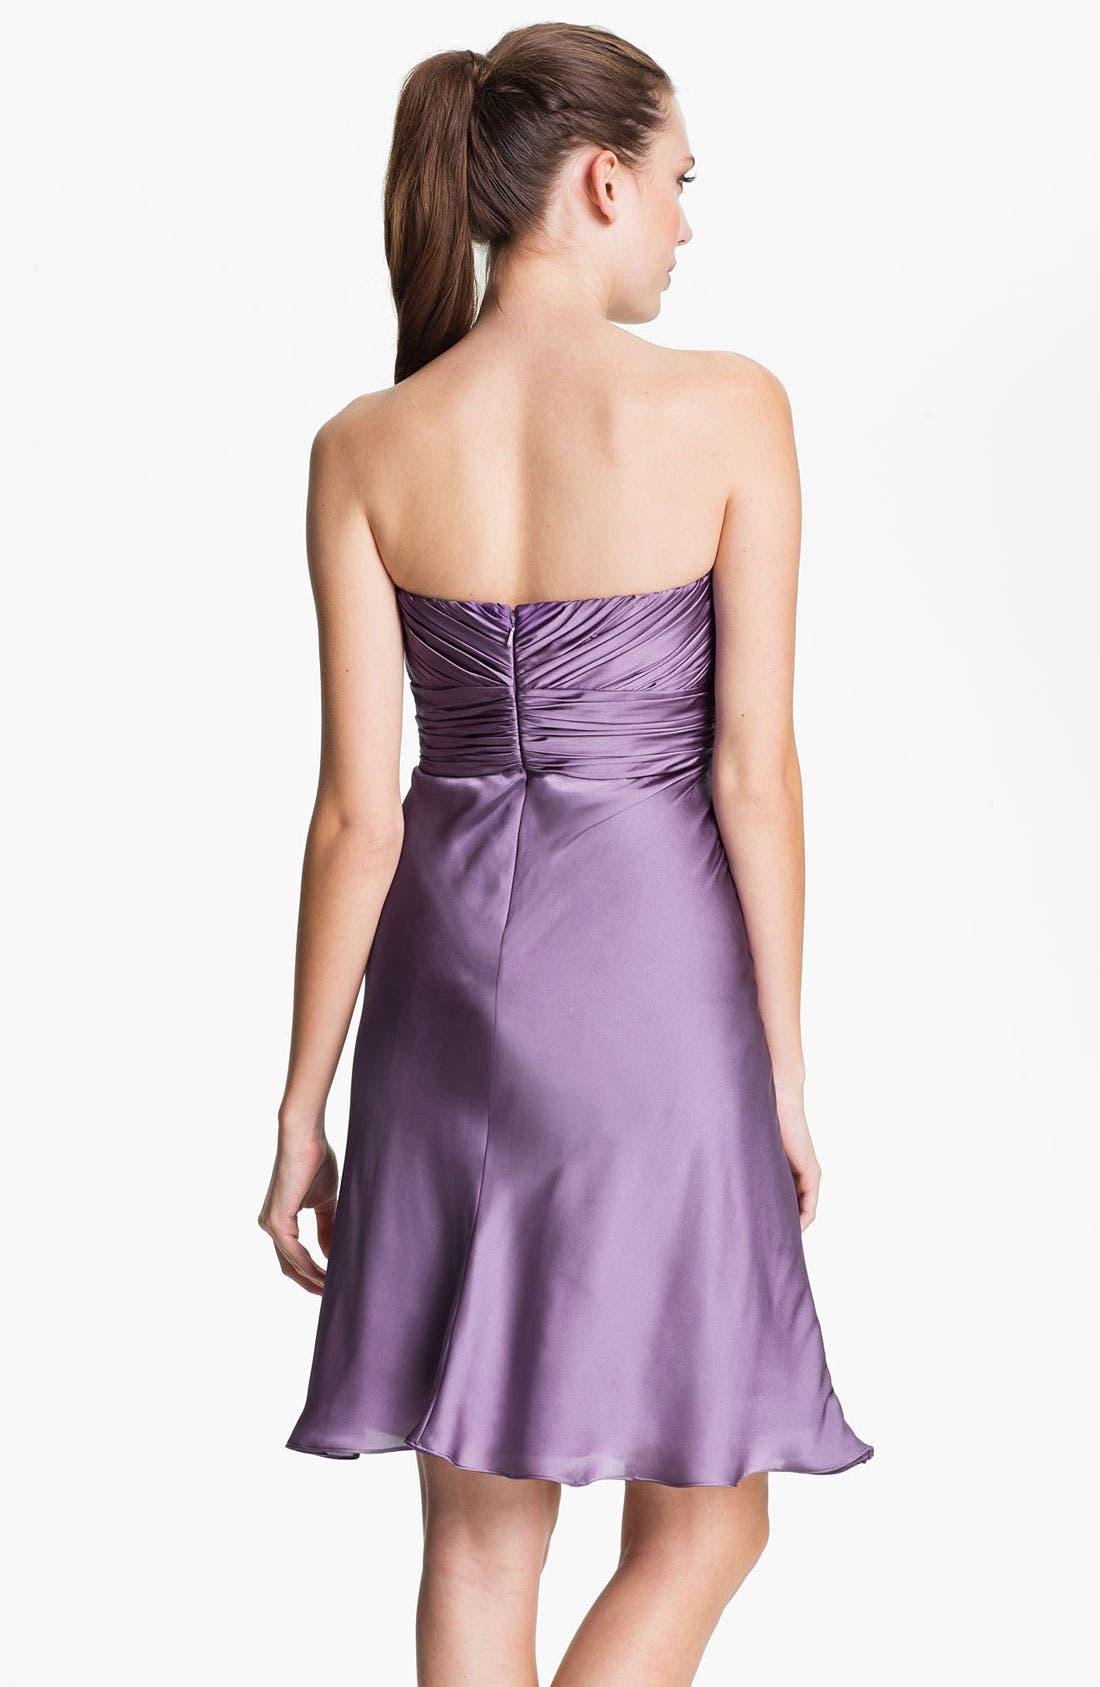 Alternate Image 2  - ML Monique Lhuillier Bridesmaids Strapless Drape Detail Charmeuse Dress (Nordstrom Exclusive)